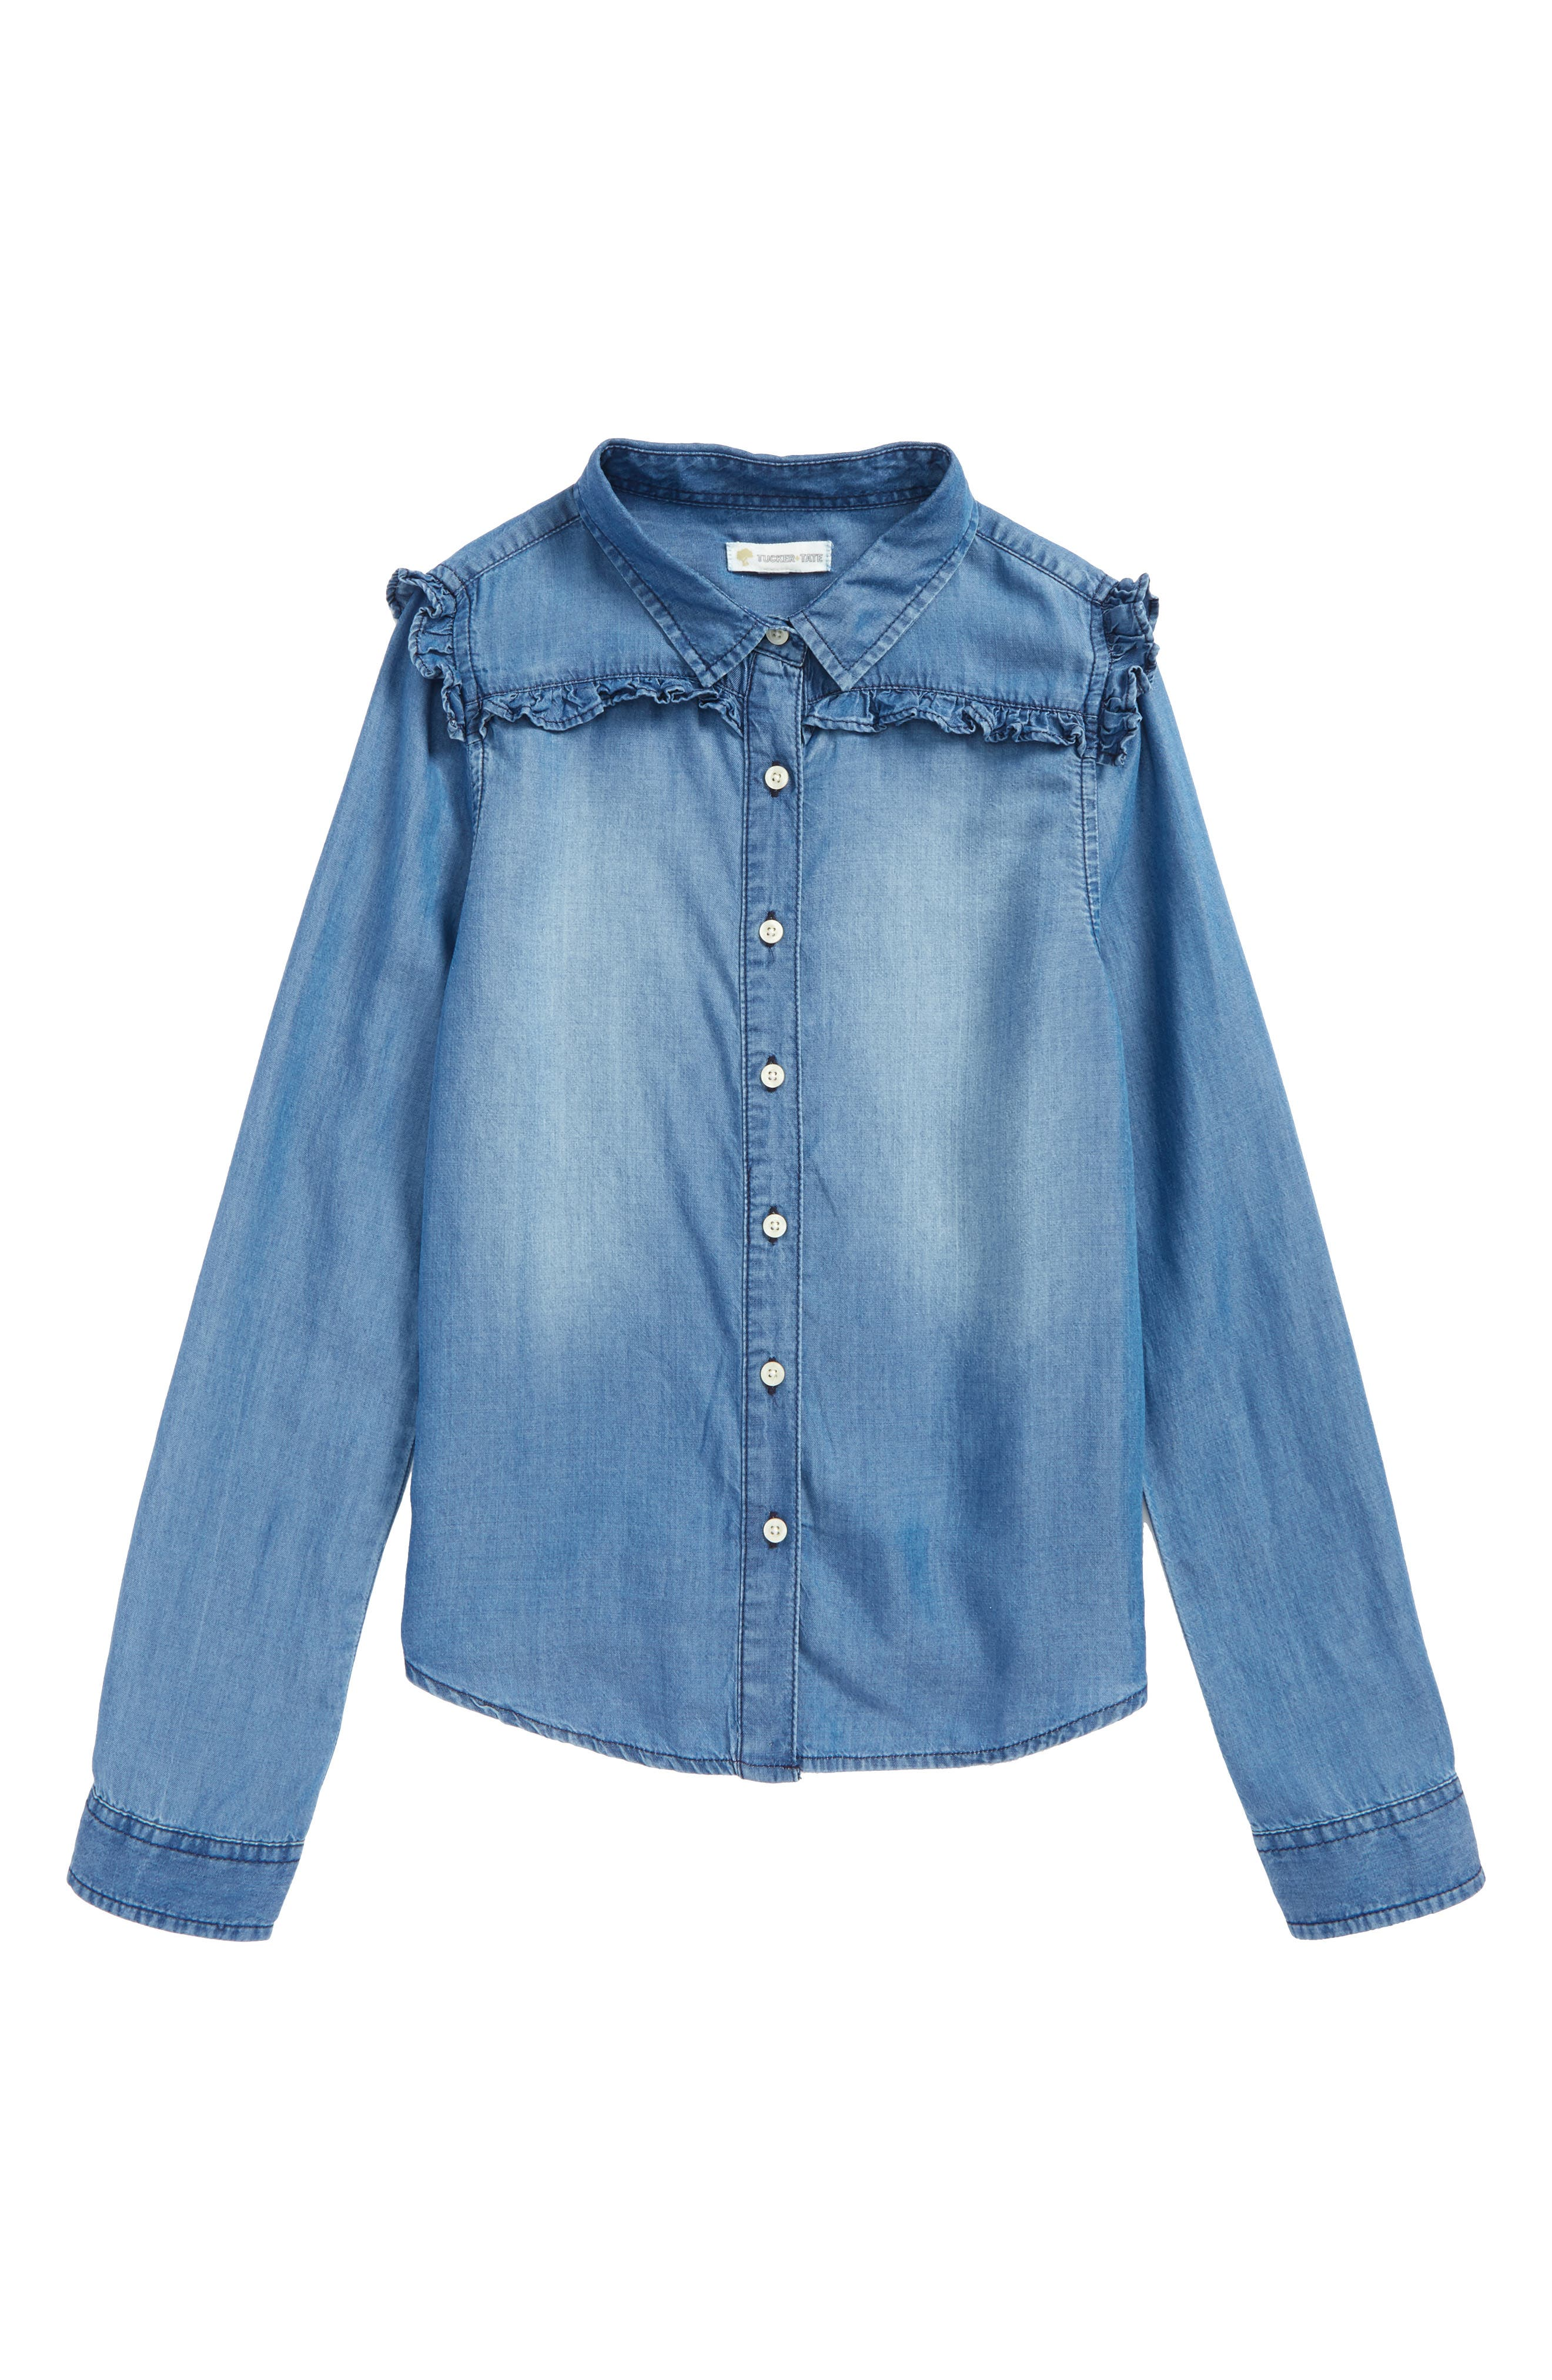 Ruffle Chambray Shirt,                             Main thumbnail 1, color,                             Medium Blue Wash